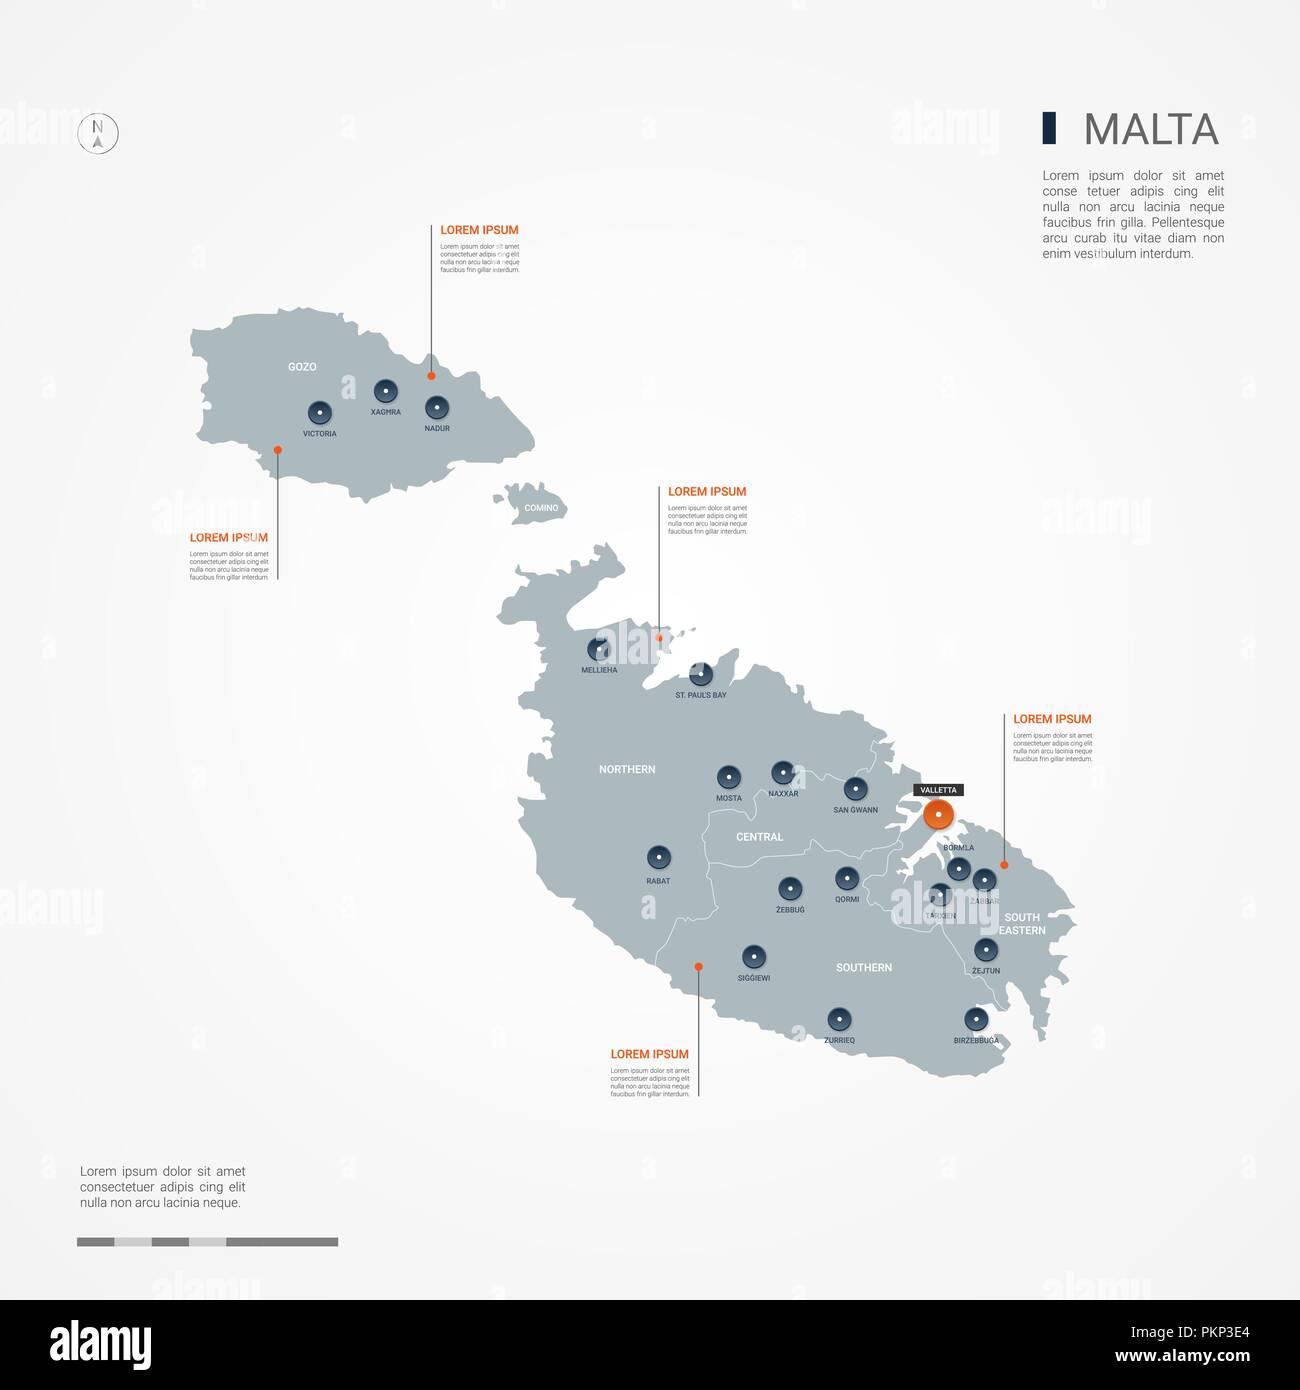 Cartina Di Malta Da Stampare.Malta Map Immagini E Fotos Stock Alamy